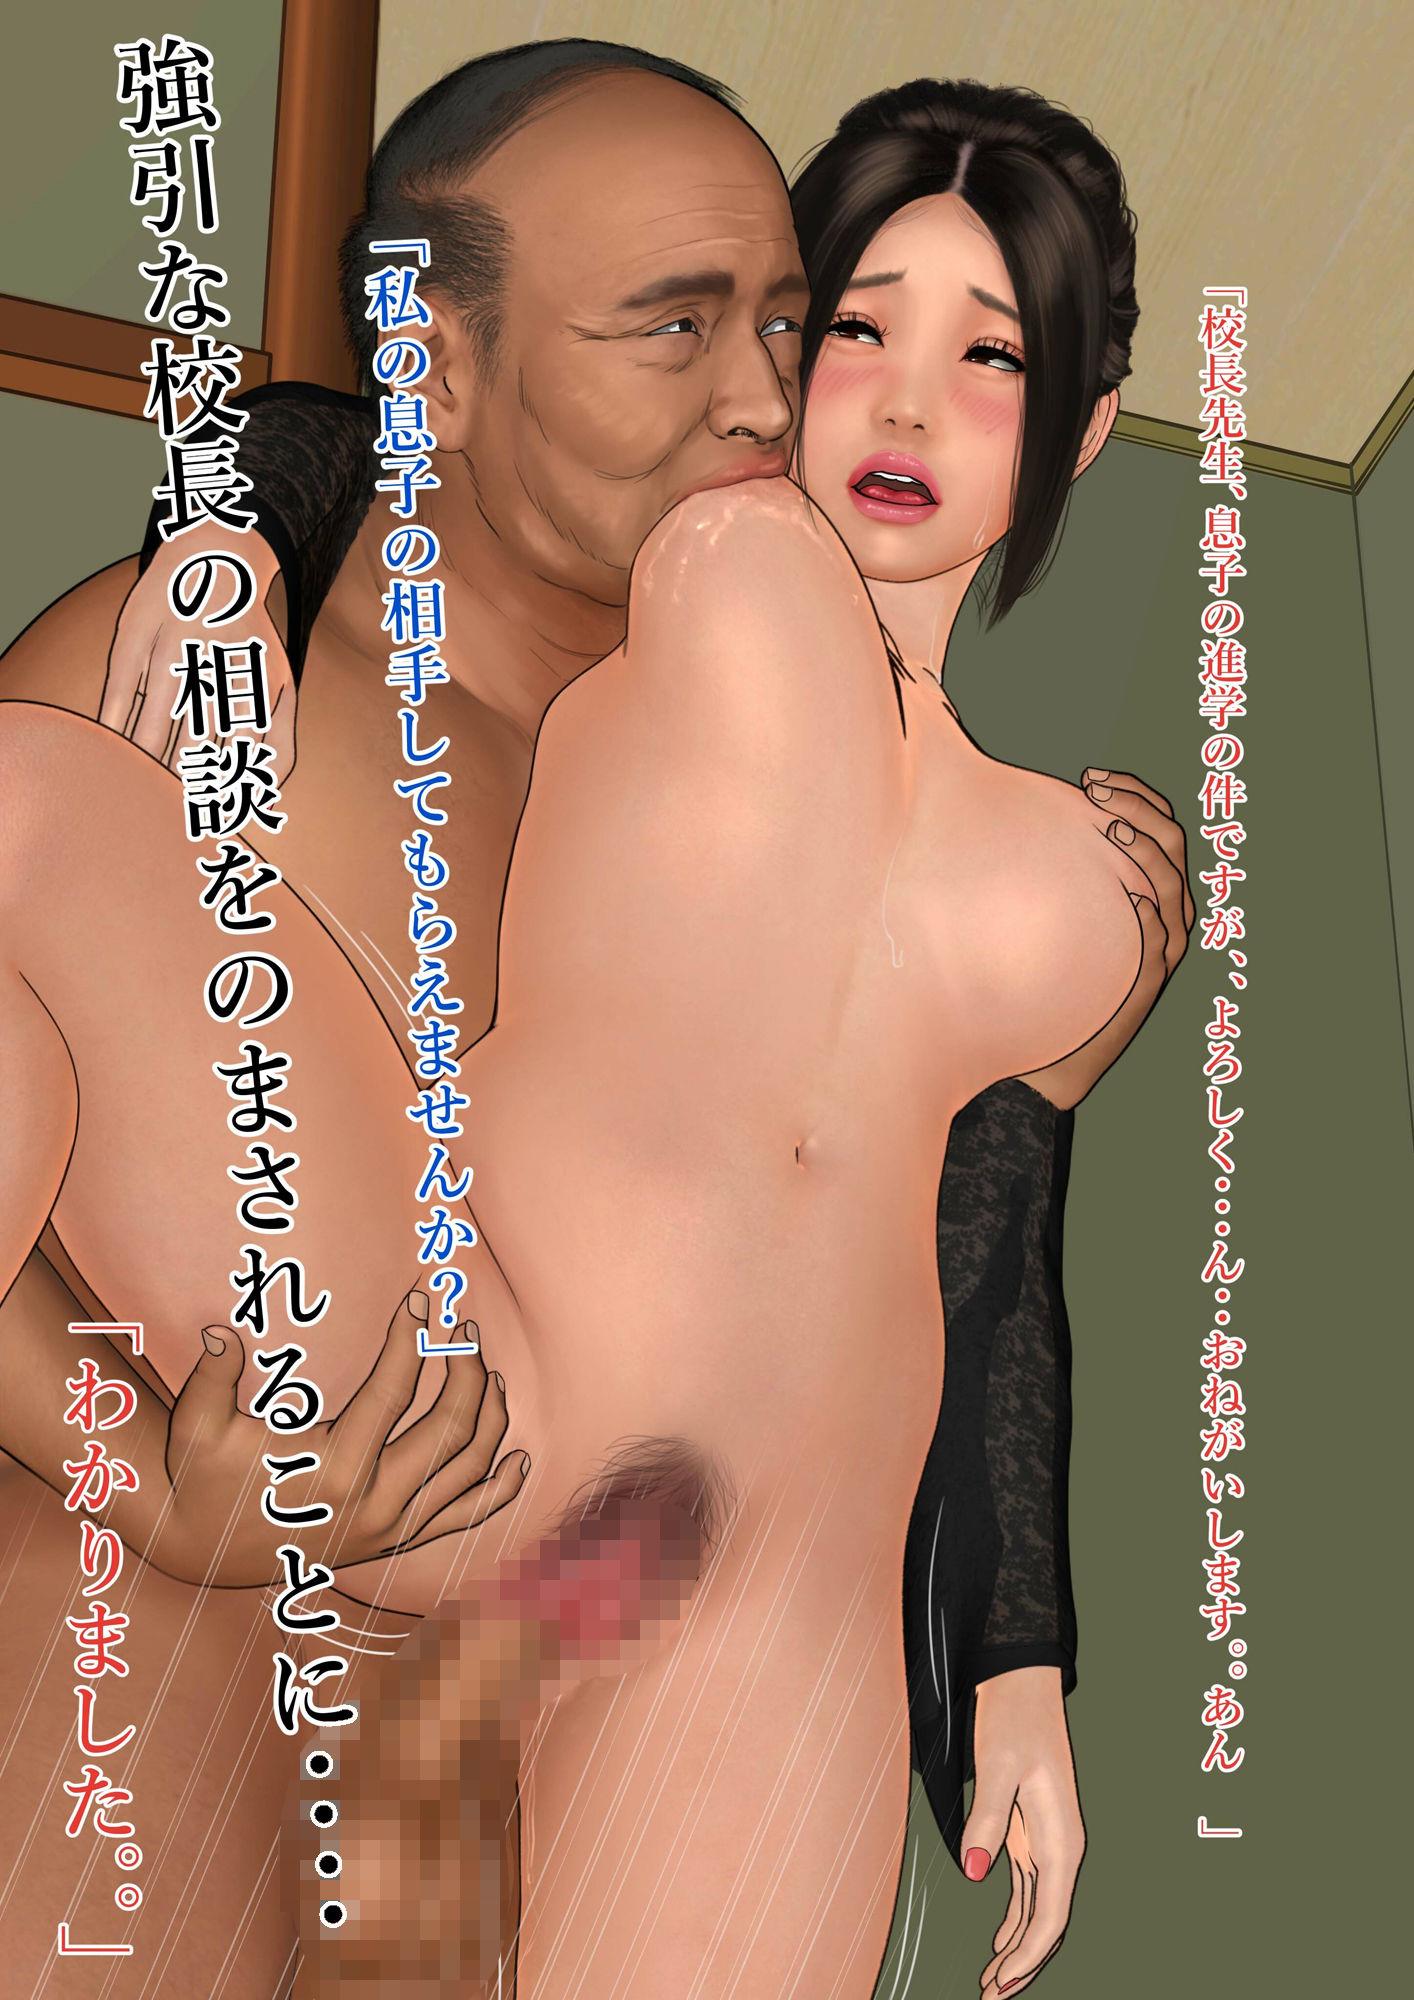 母のパパ活事情 〜町内会の雄達〜